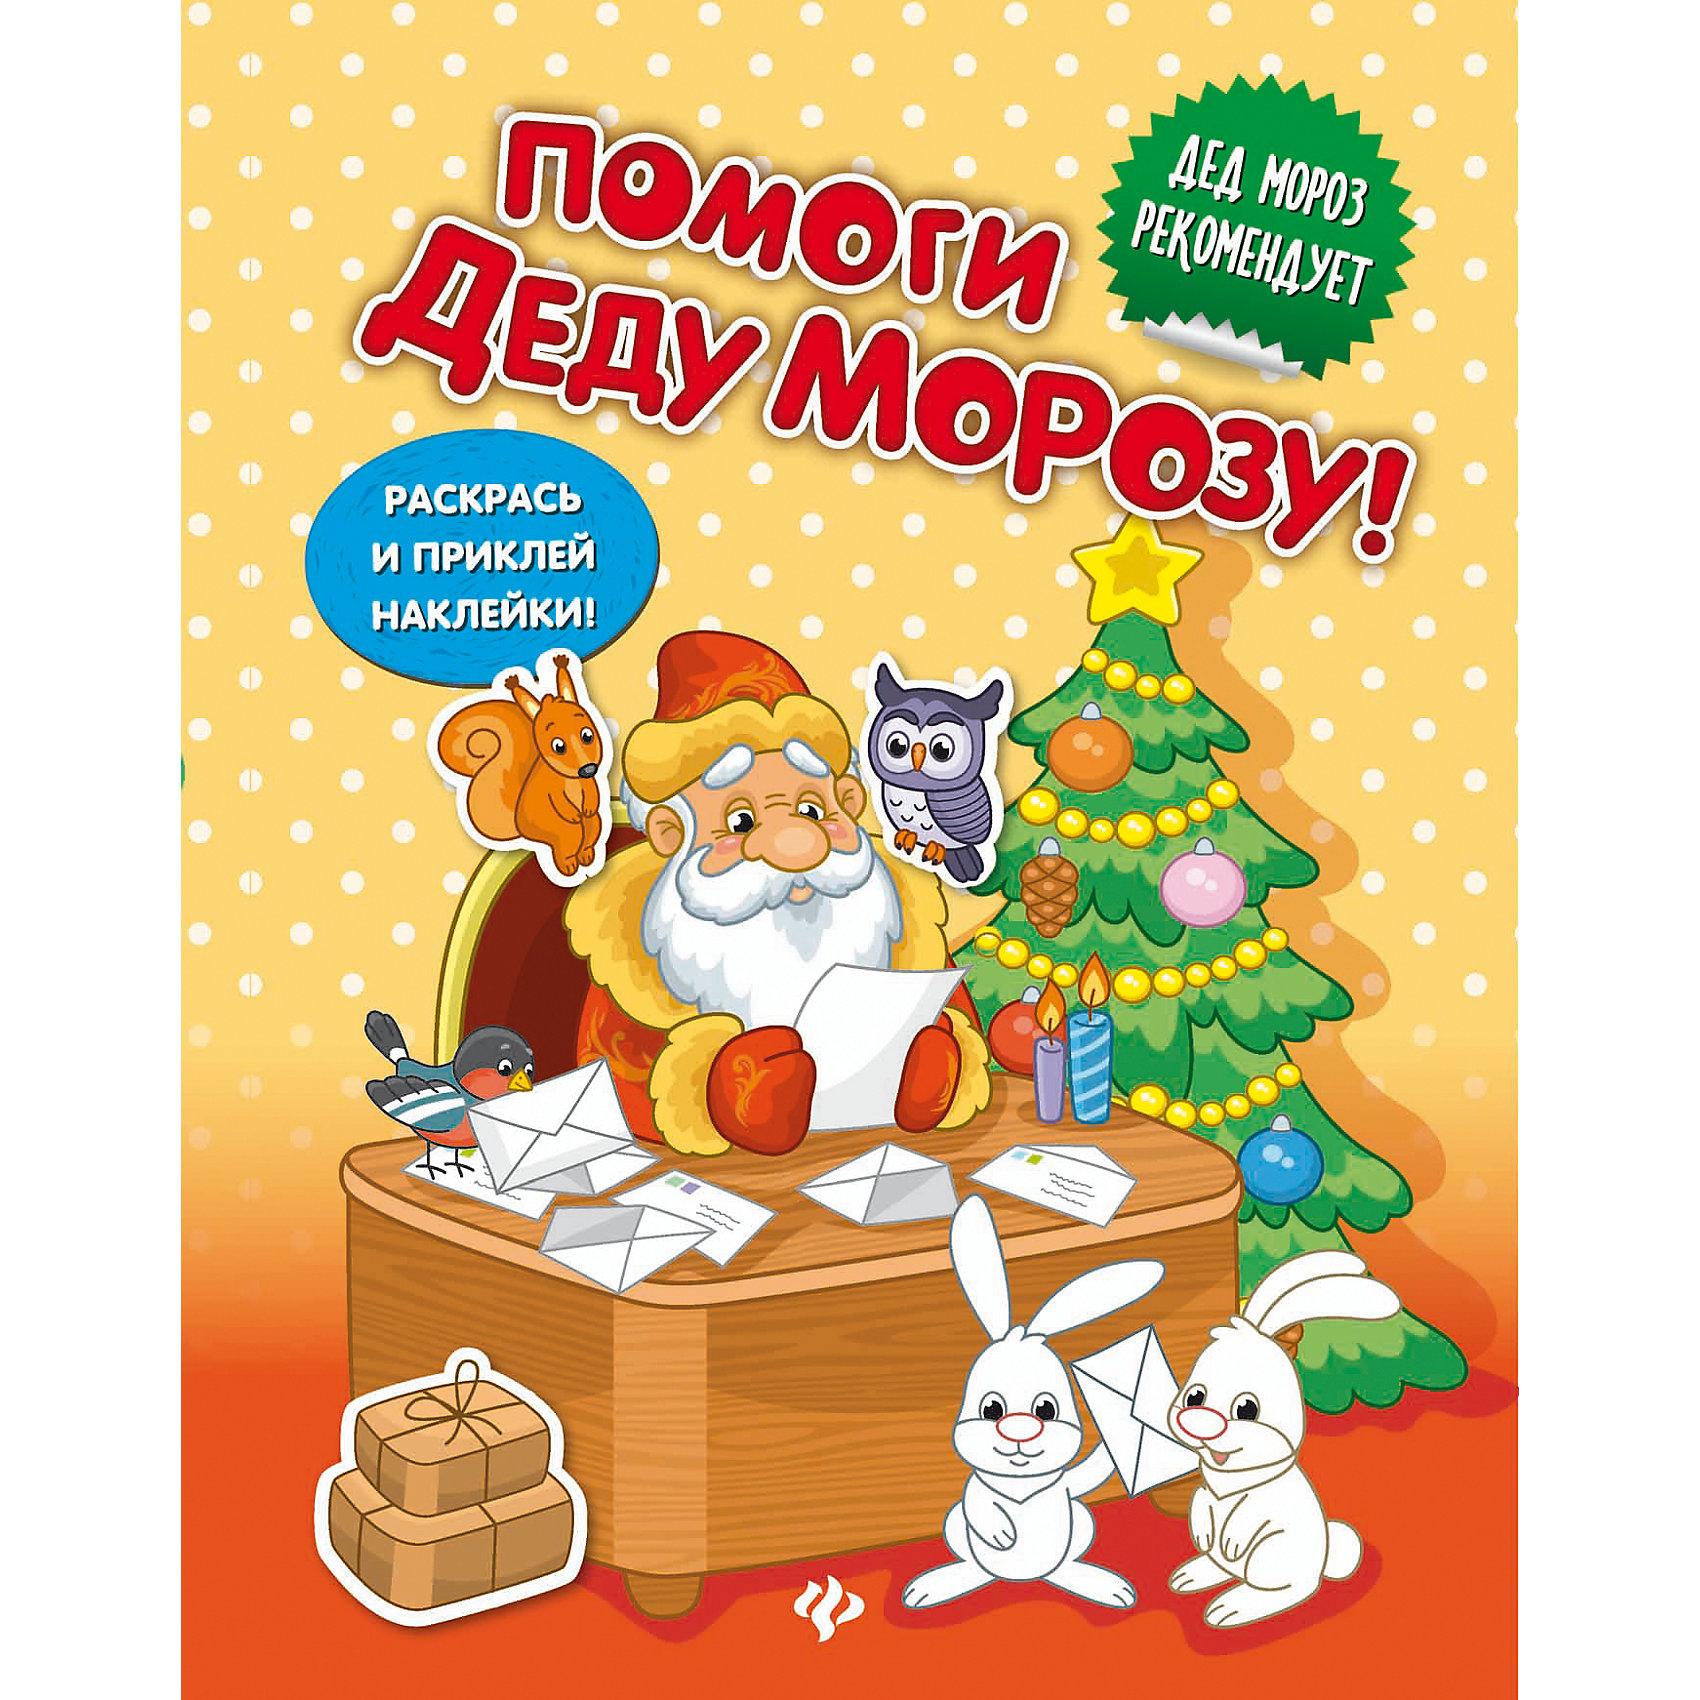 Fenix Помоги Деду Морозу! развивающая книжка с наклейкам